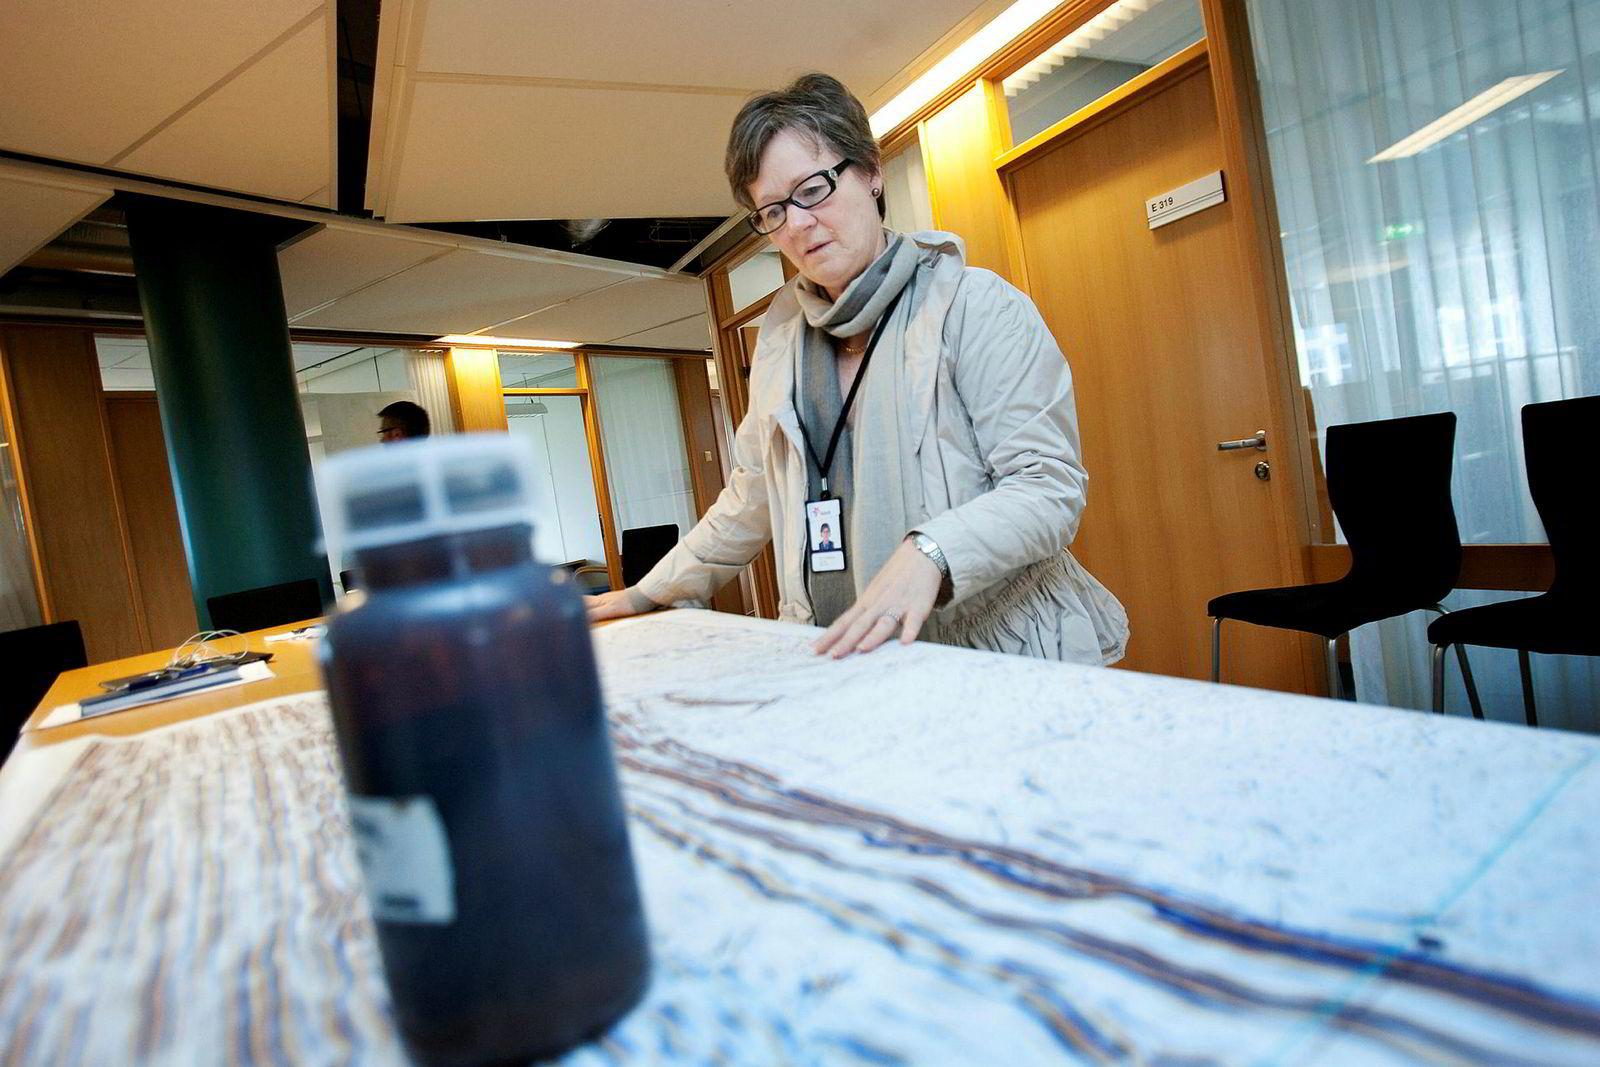 Stavanger, 5. august 2011: Daværende letedirektør for norsk sokkel, Gro Gunleiksrud Haatvedt, i Equinor studerer geologiske data og prøver fra funnet Aldous Major North. Dette feltet sammen med Aldous Major South og Avaldsnes skiftet senere navn og ble til Johan Sverdrup-feltet.